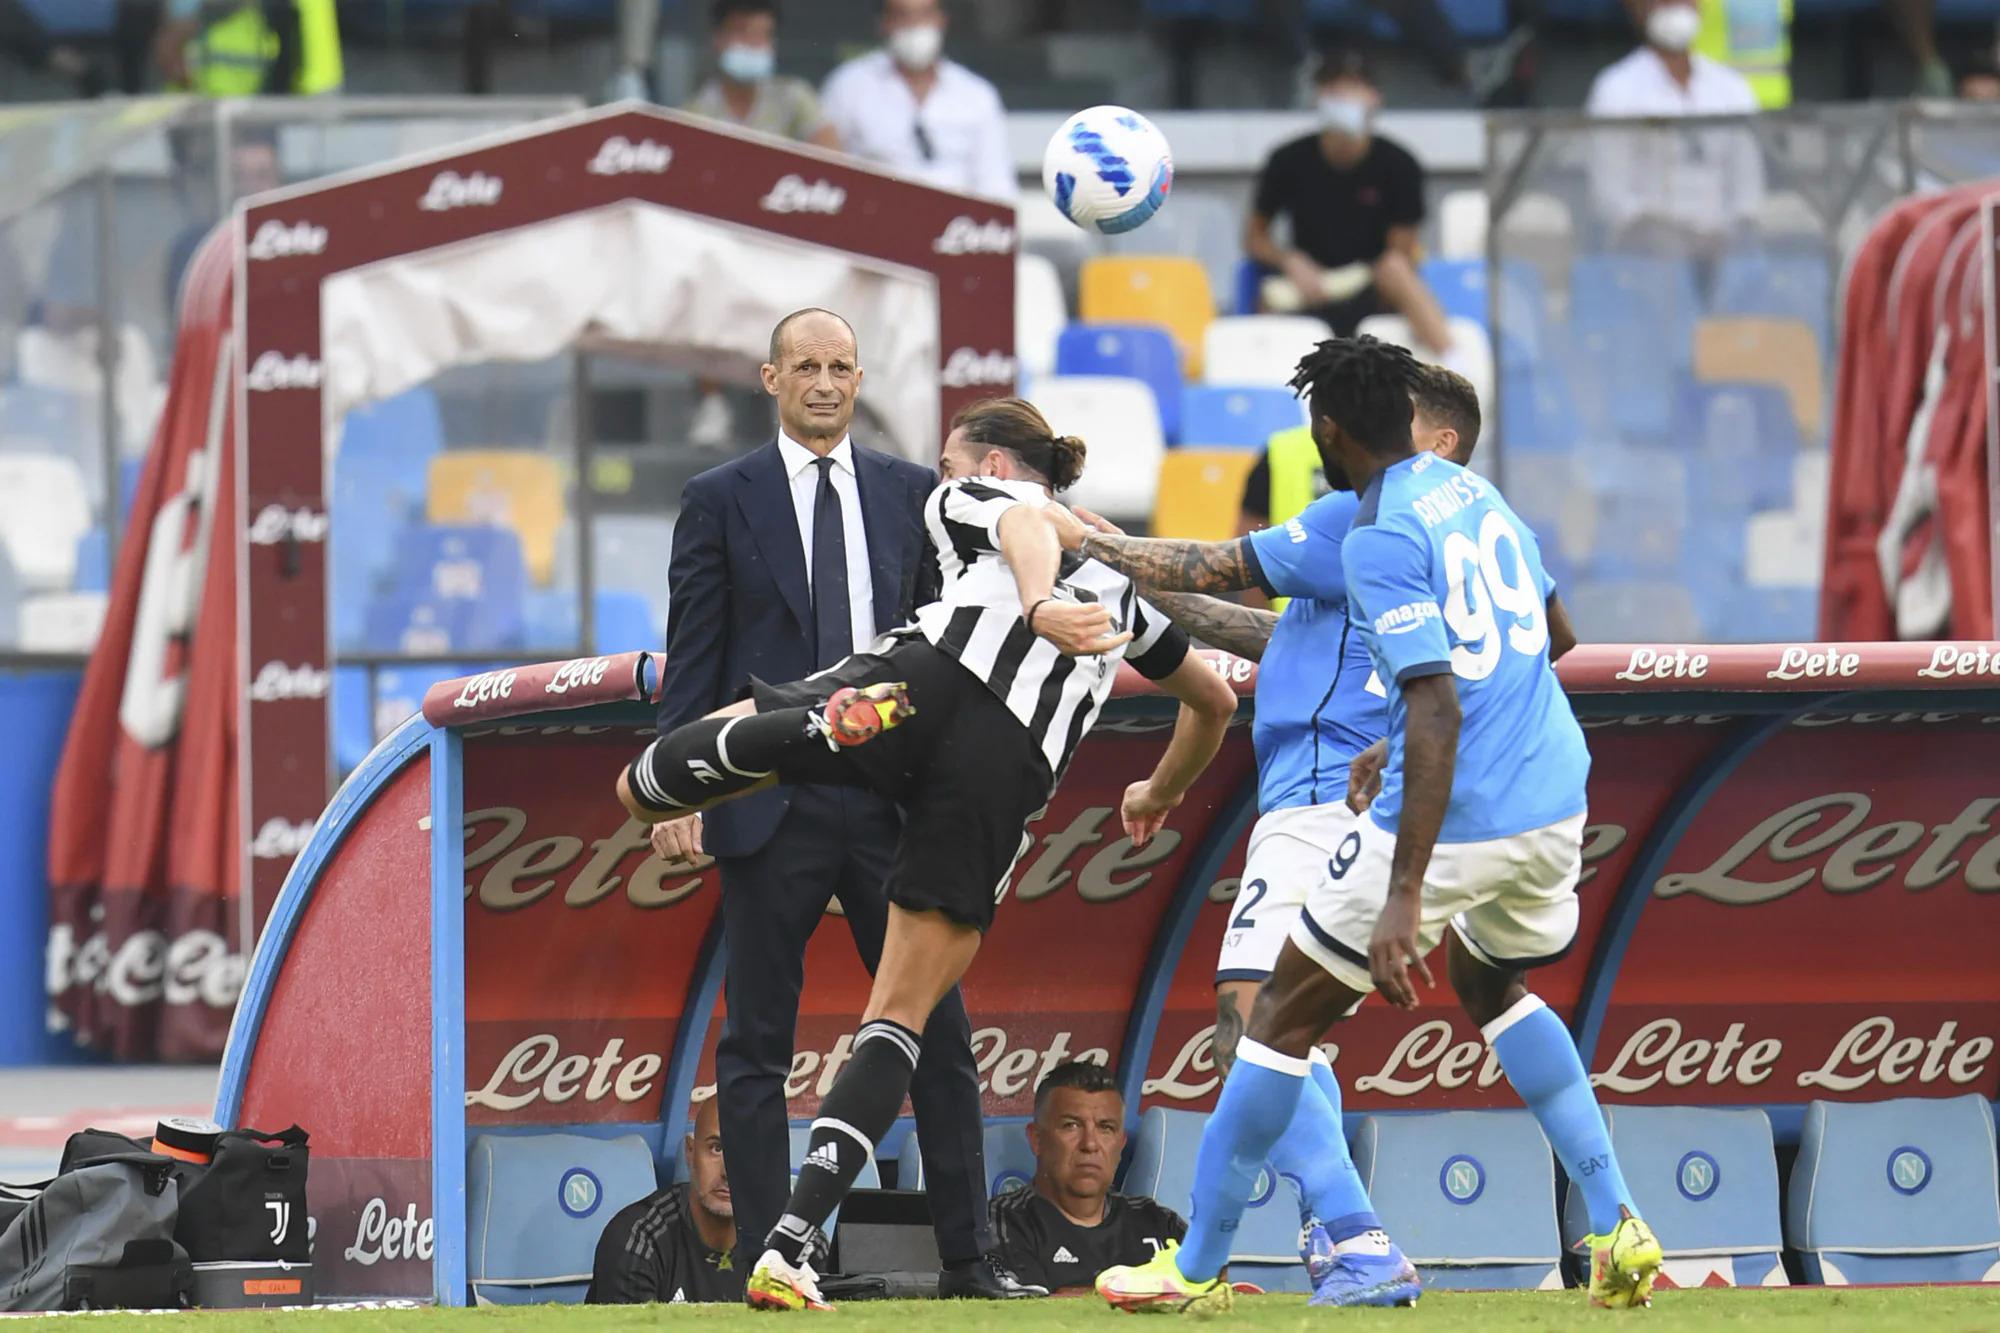 Allegri bất lực nhìn các học trò yếm thế trước Napoli tại San Paolo. Ảnh: ANSA